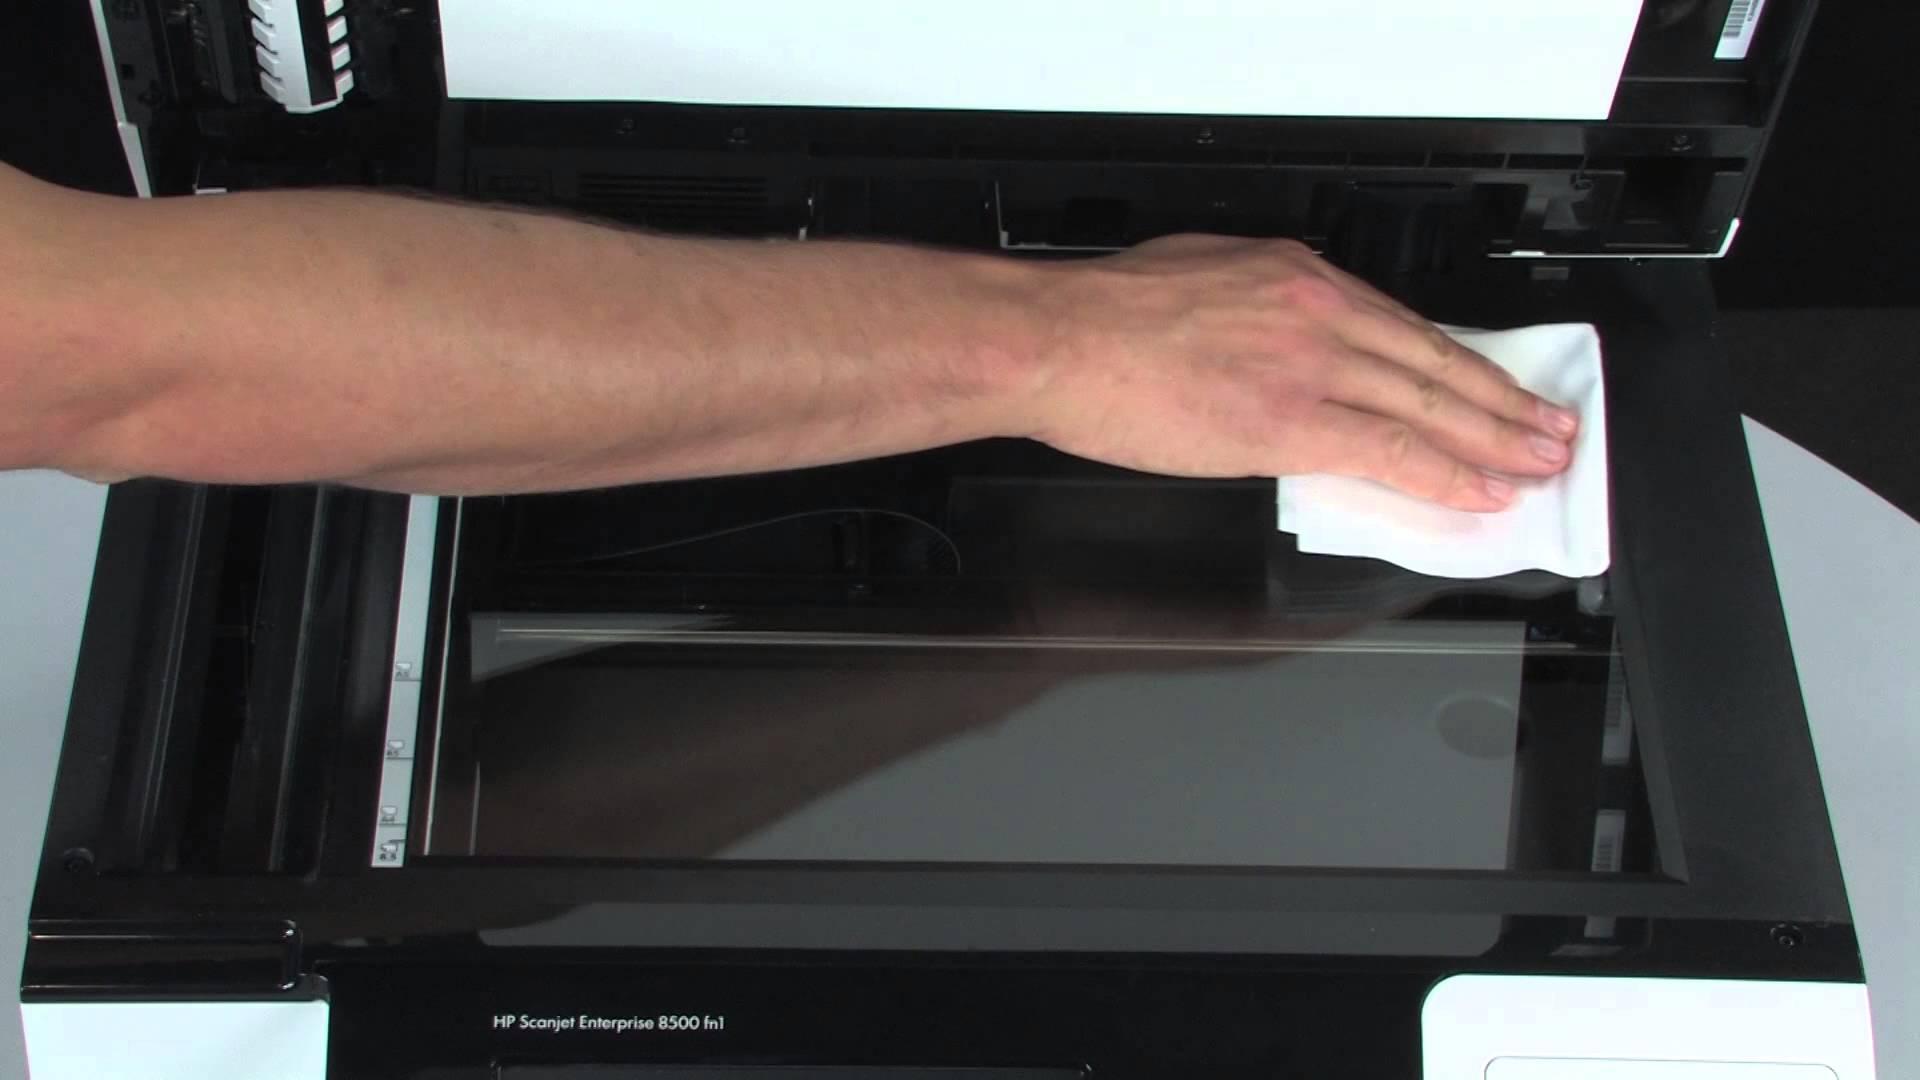 cách vệ sinh máy photocopy đúng cách